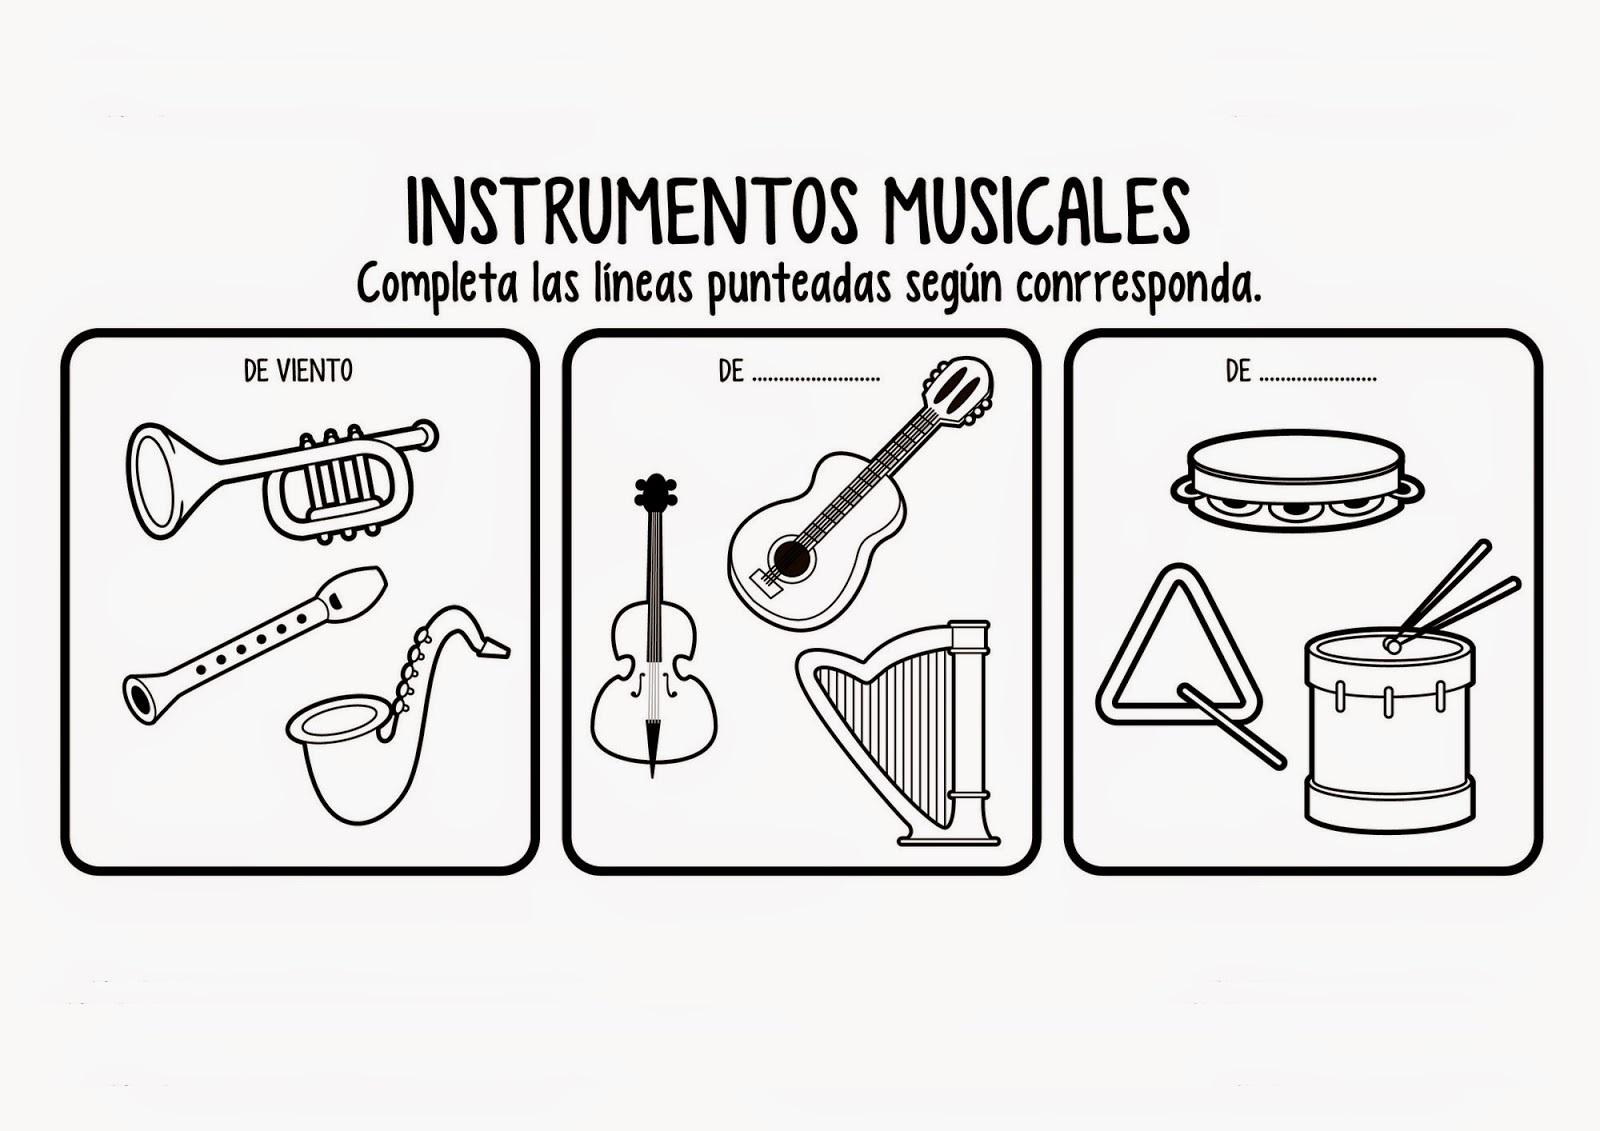 Dibujos De Instrumentos Musicales Para Imprimir Y Colorear: Instrumentos Mapuches Para Colorear Para Colorear Mejor